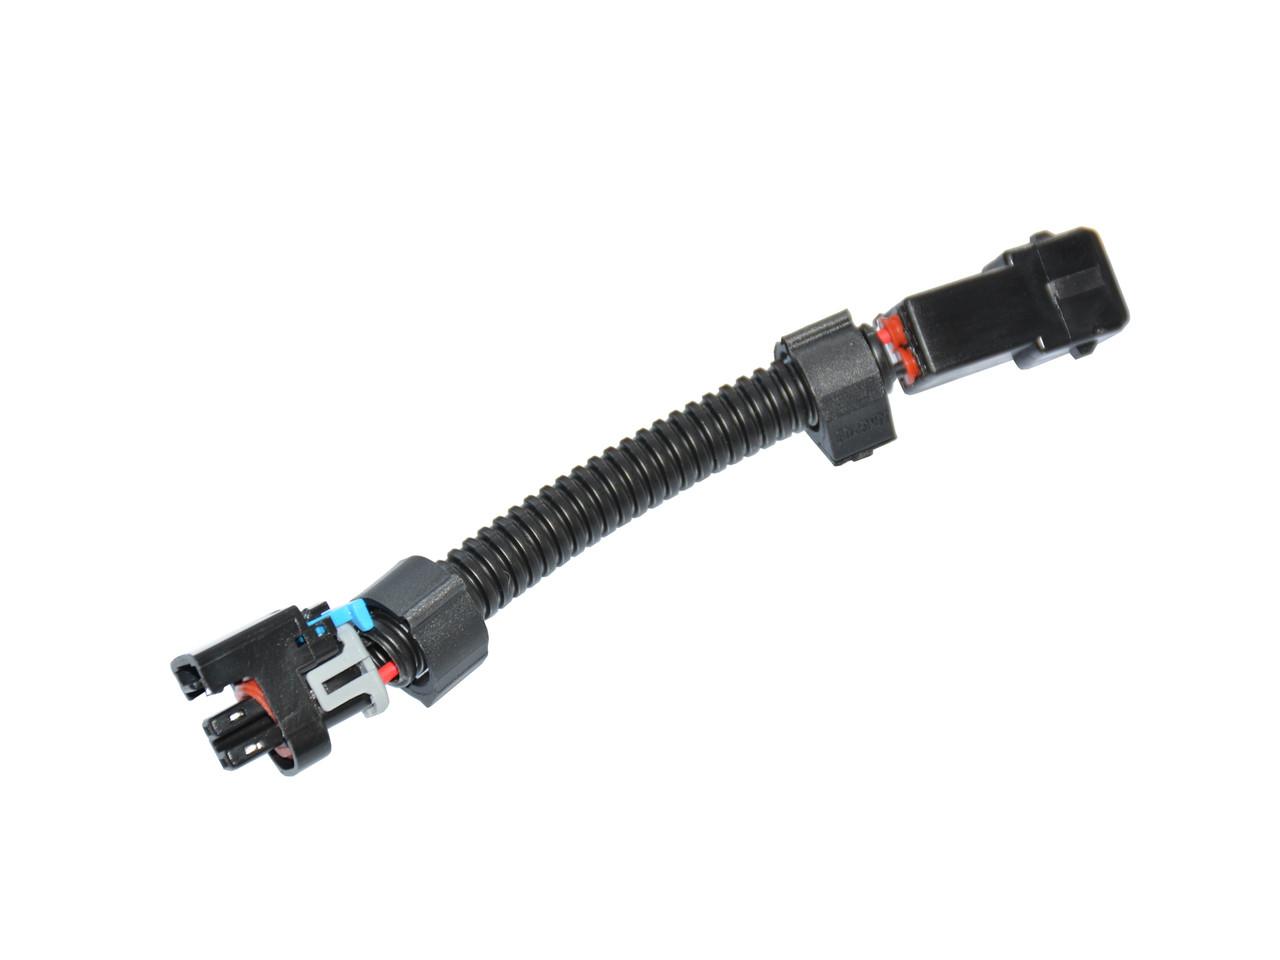 EV1 to Delphi Multec Adapts LS1 LS6 LT1 EV1 vehicle Injector Harness to LQ4, LQ9 4.8 5.3 6.0 Delphi Mini Truck Fuel Injectors